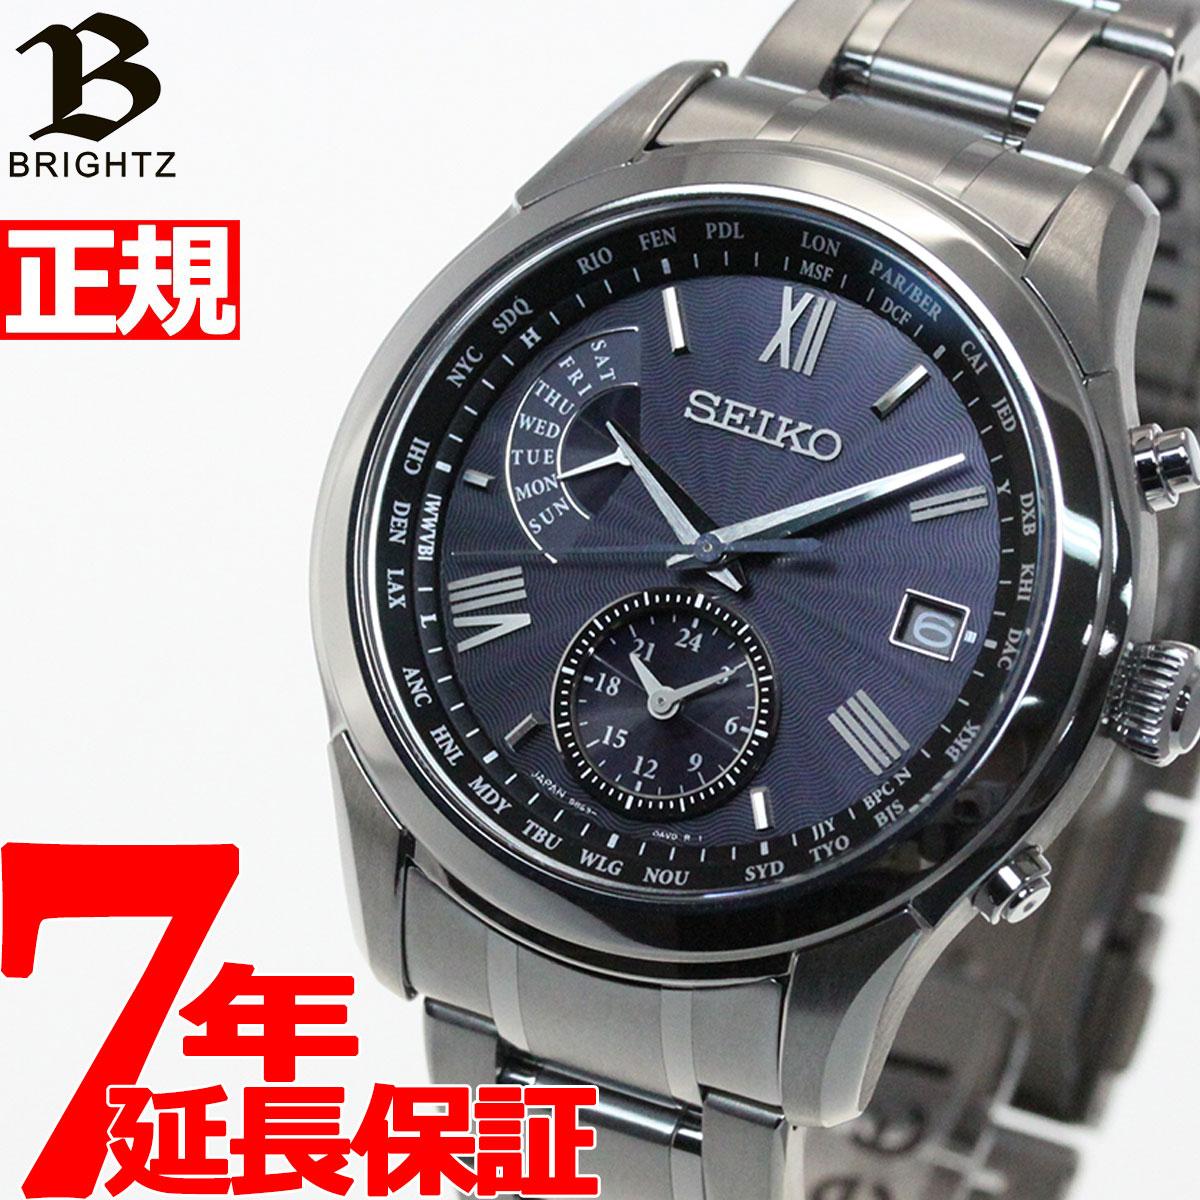 腕時計, メンズ腕時計 18037182359 SEIKO BRIGHTZ SAGA3092020